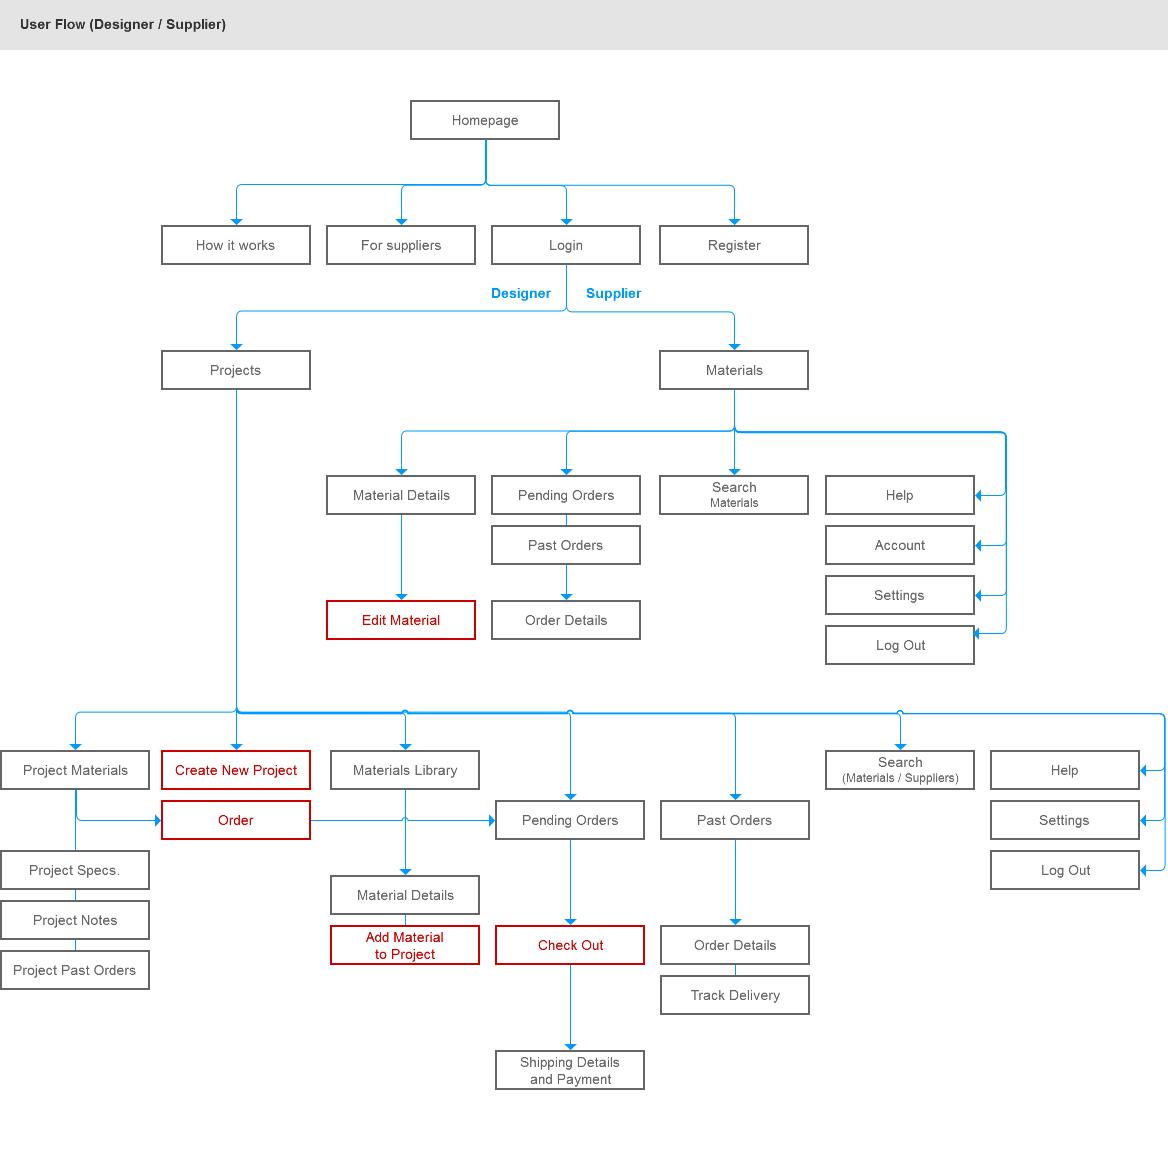 Designer Supplier Flow